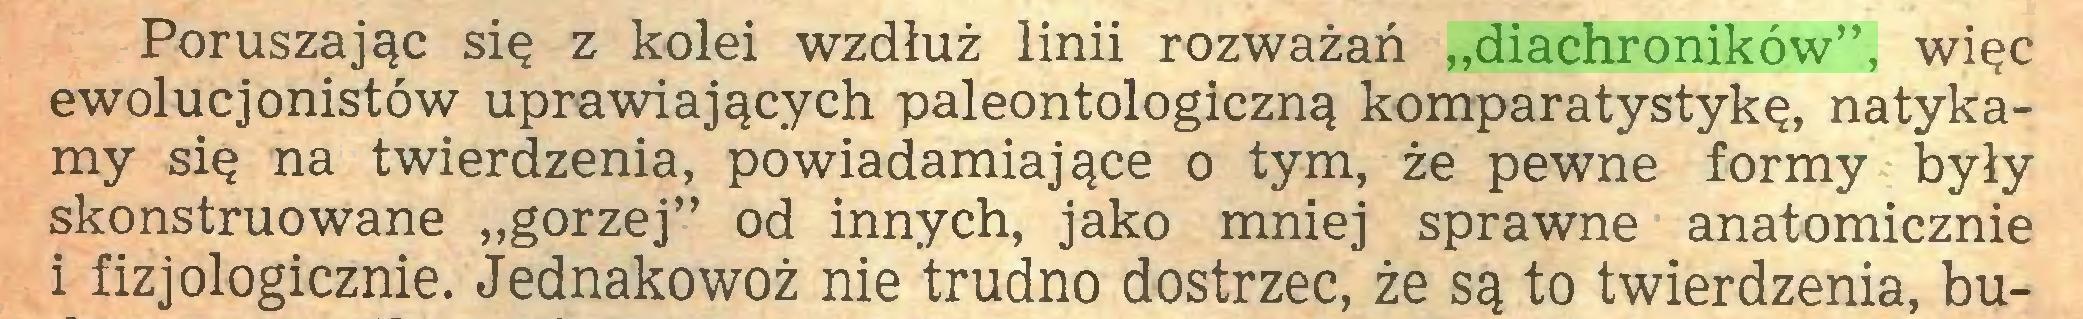 """(...) Poruszając się z kolei wzdłuż linii rozważań """"diachroników"""", więc ewolucjonistów uprawiających paleontologiczną komparatystykę, natykamy się na twierdzenia, powiadamiające o tym, że pewne formy były skonstruowane """"gorzej"""" od innych, jako mniej sprawne anatomicznie i fizjologicznie. Jednakowoż nie trudno dostrzec, że są to twierdzenia, bu..."""